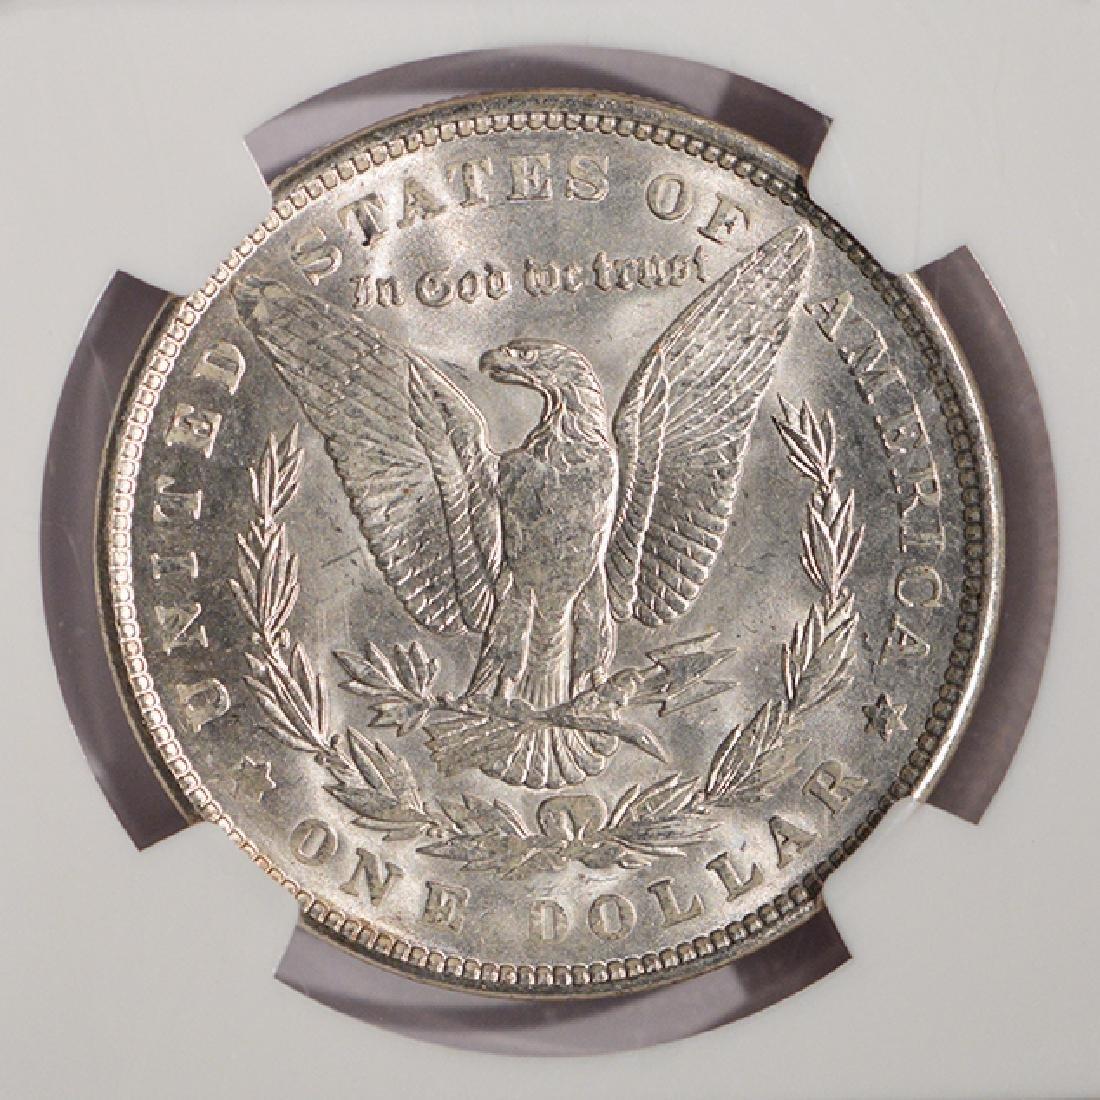 1900 $1 Morgan Silver Dollar Coin NGC MS64 - 4